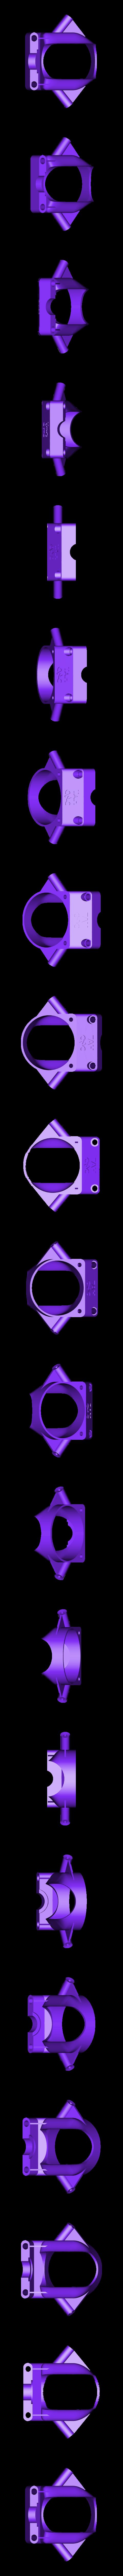 Fanholder05.STL Télécharger fichier STL gratuit Upgraded X-carriage for Sunhokey Prusa i3 - Integrated fans, 20mm extra Z-range and PiBot optical height sensor. • Objet pour imprimante 3D, tahustvedt